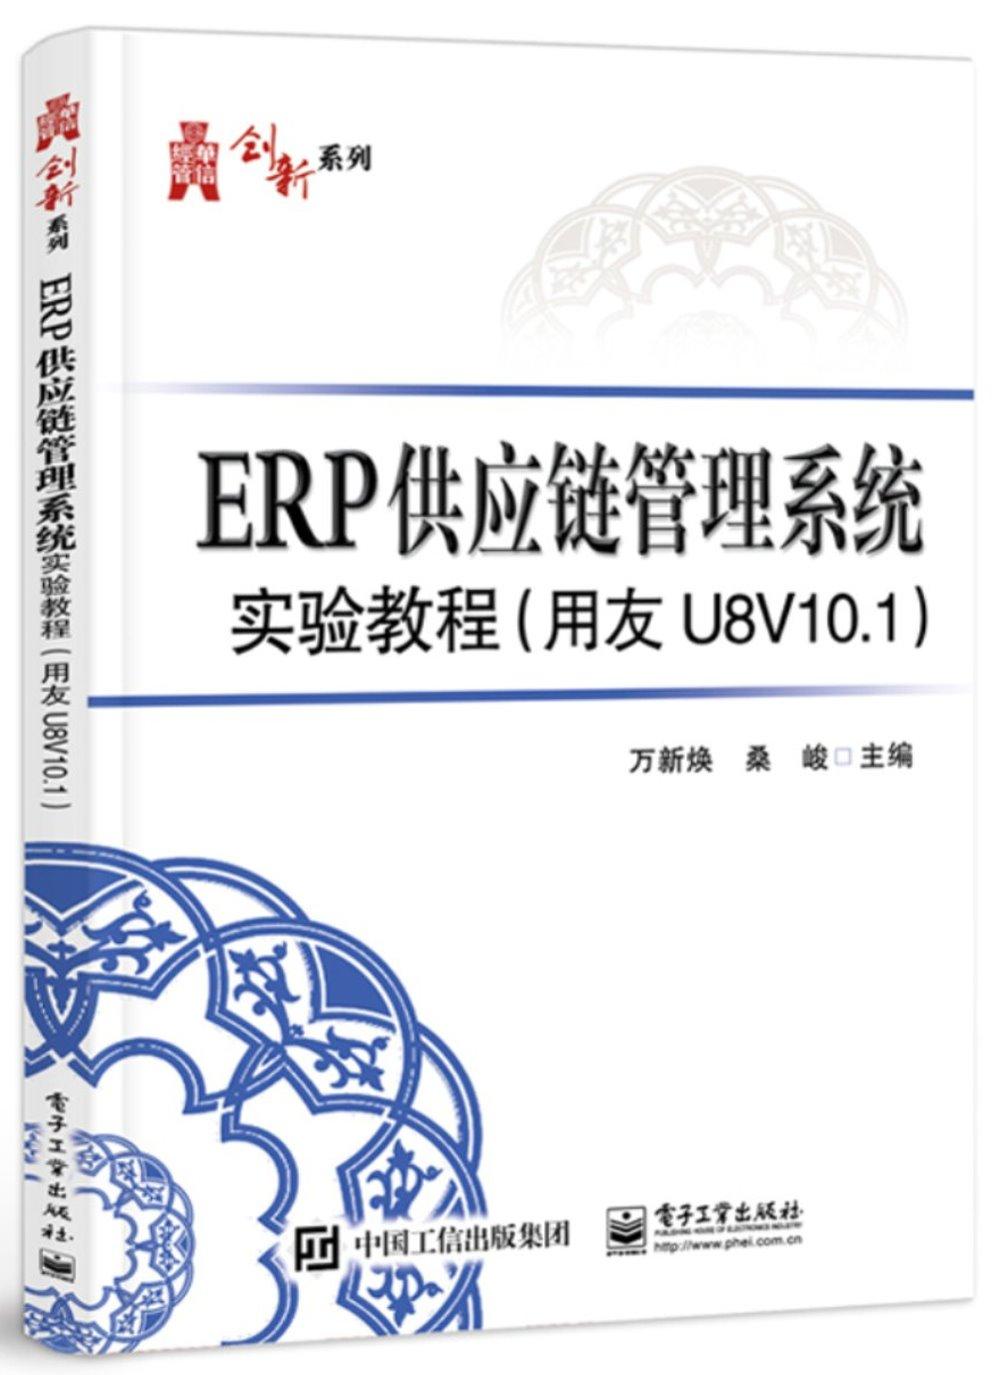 ERP供應鏈管理系統實驗教程(用友U8V10.1)